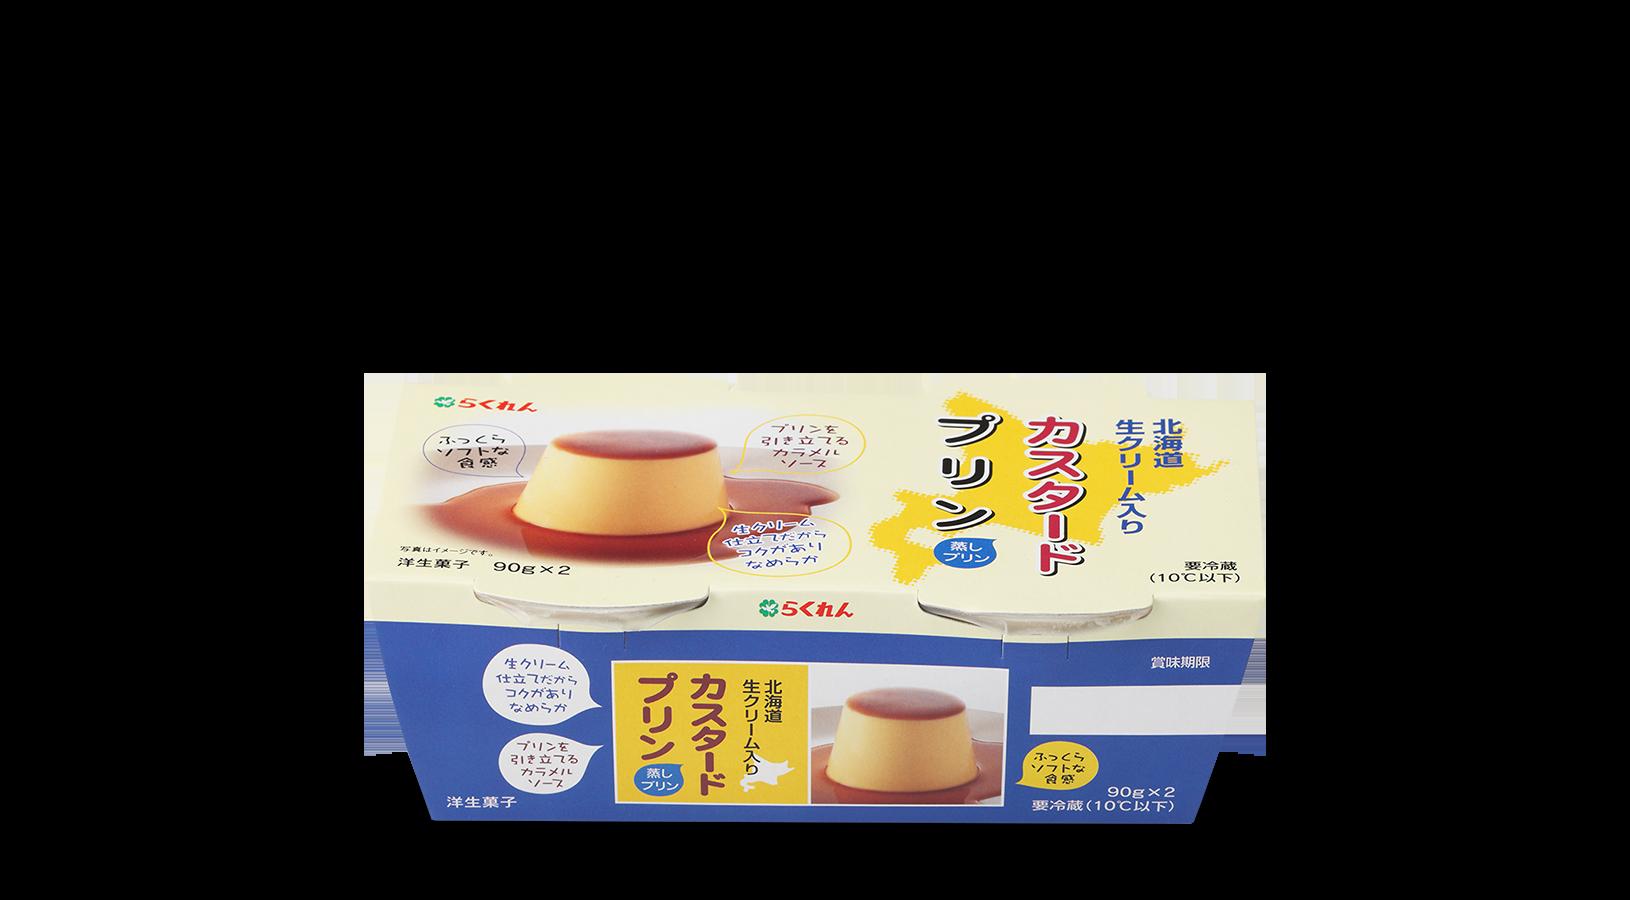 商品イメージ:北海道生クリーム入りカスタードプリン